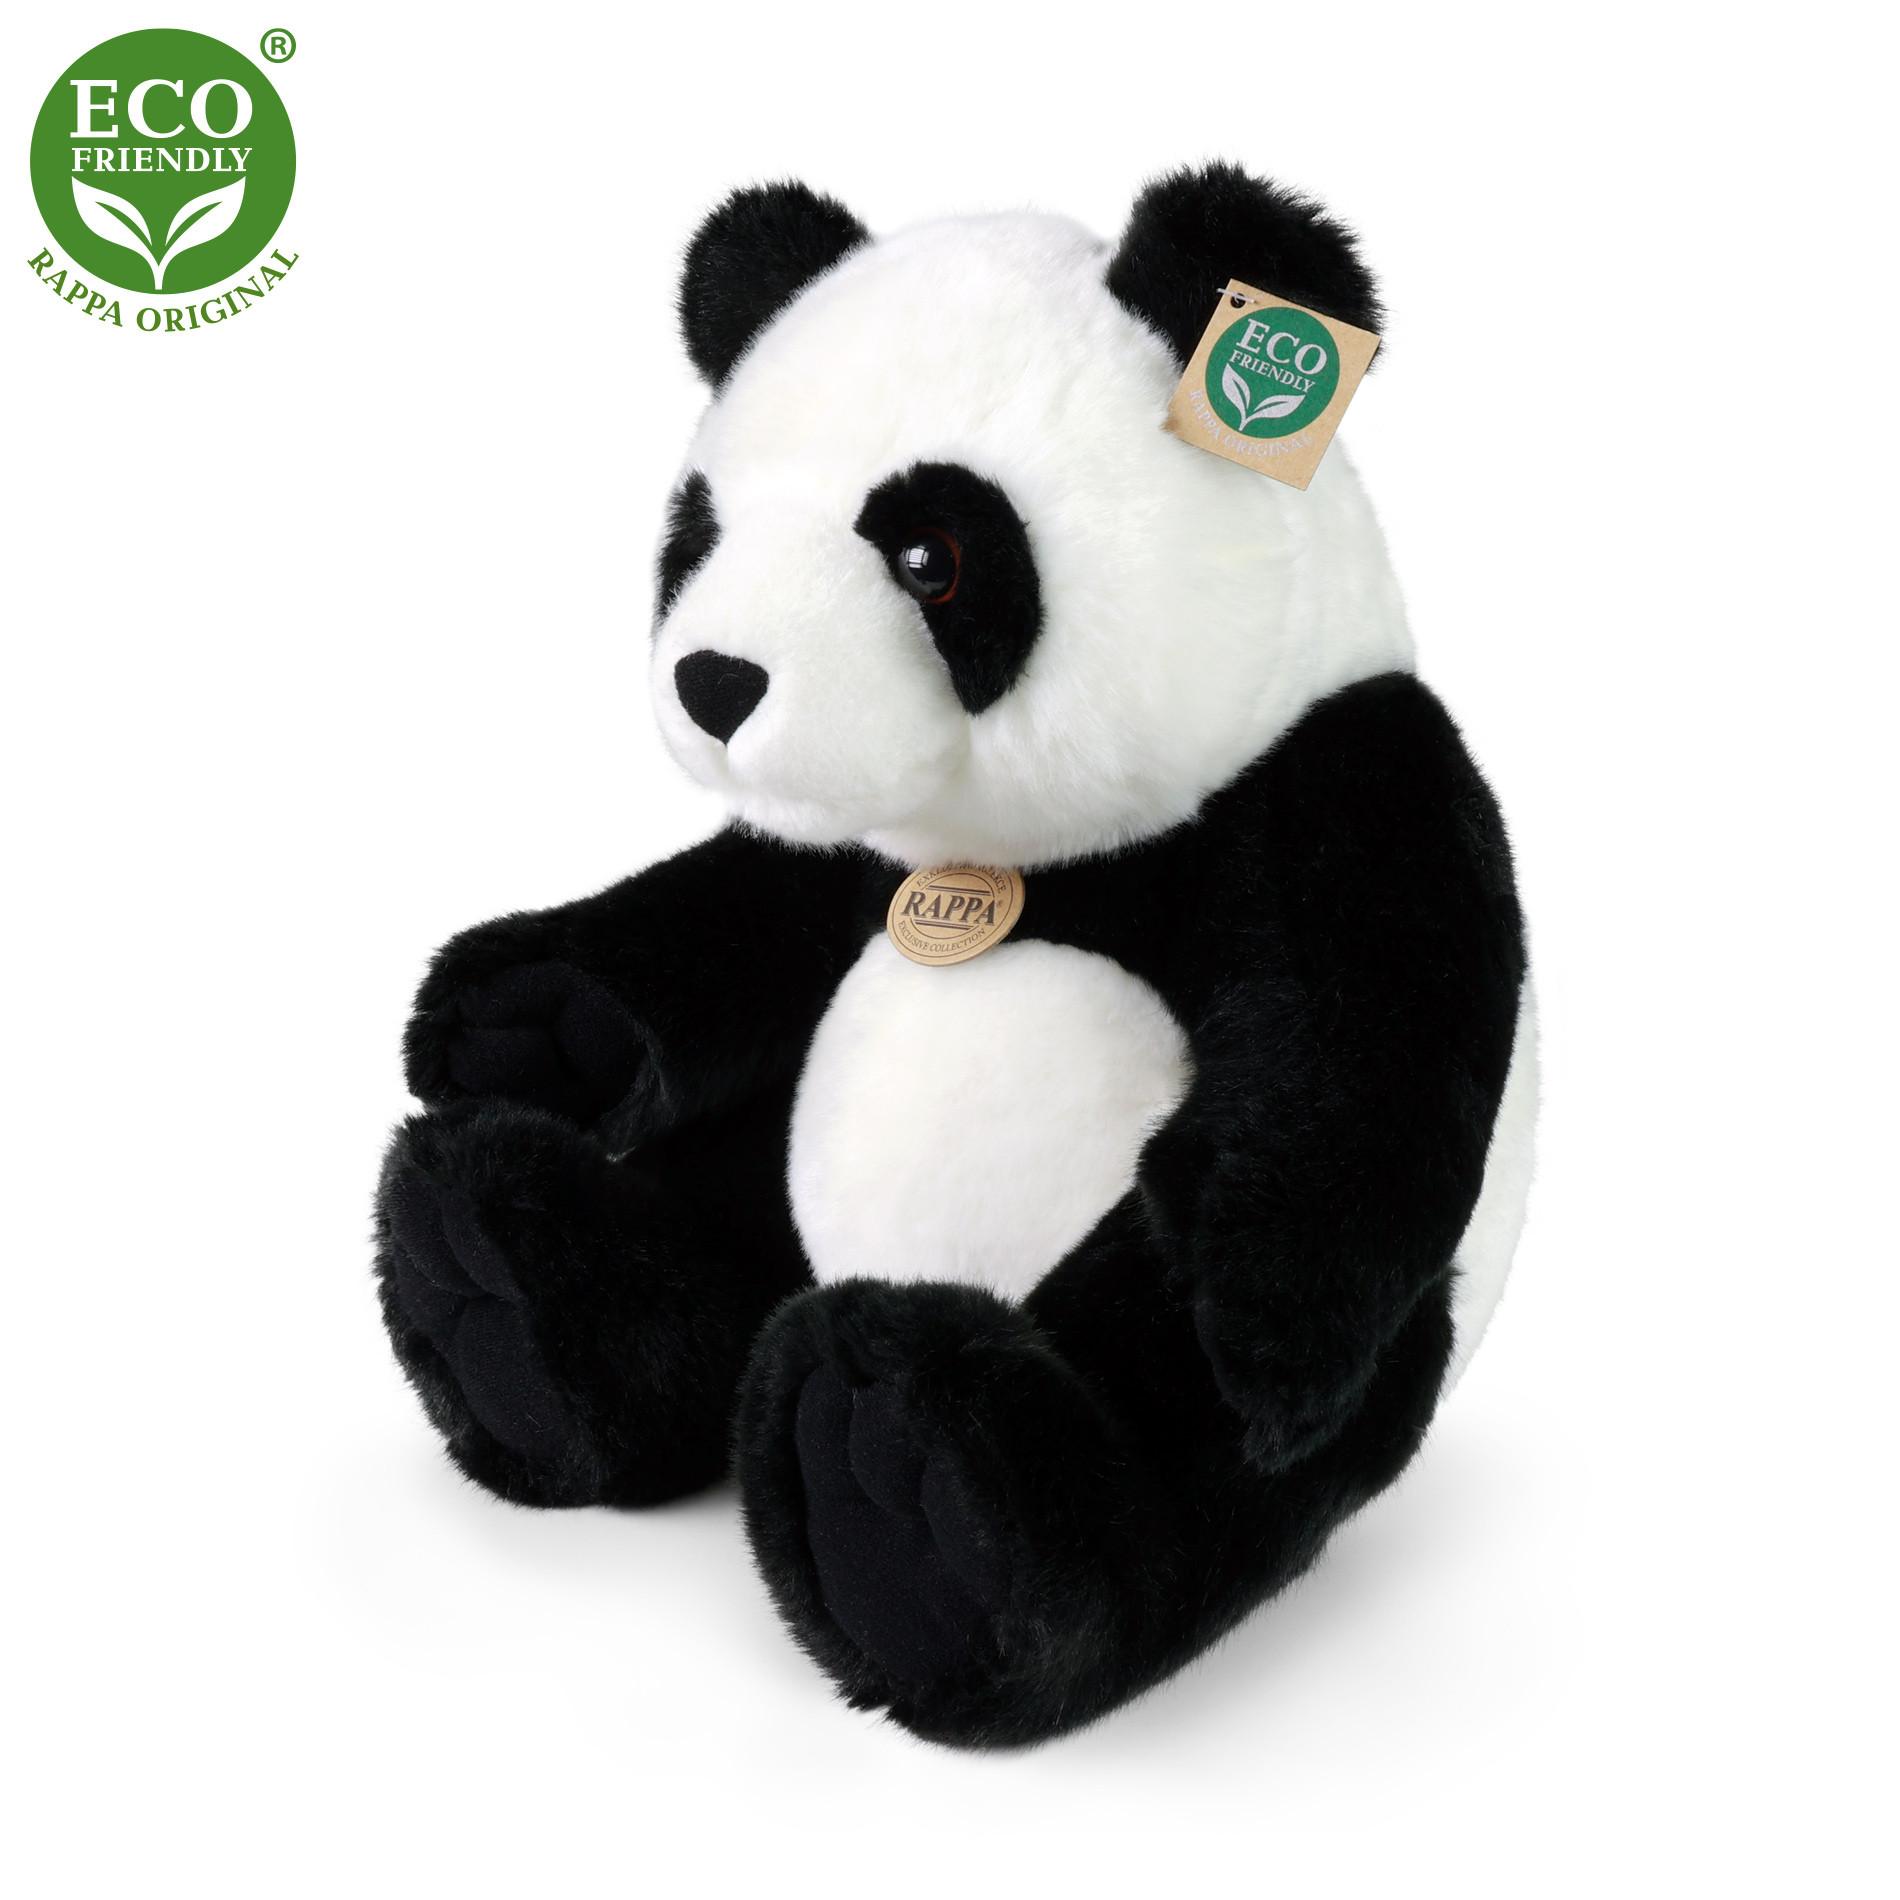 Plyšová panda sedící 31 cm ECO-FRIENDLY